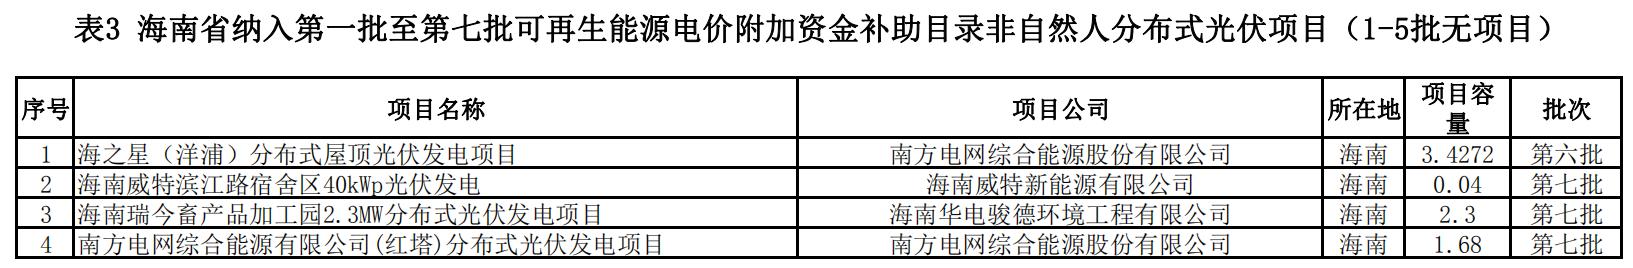 海南省首批可再生能源发电项目补贴清单(第一阶段) 20200519